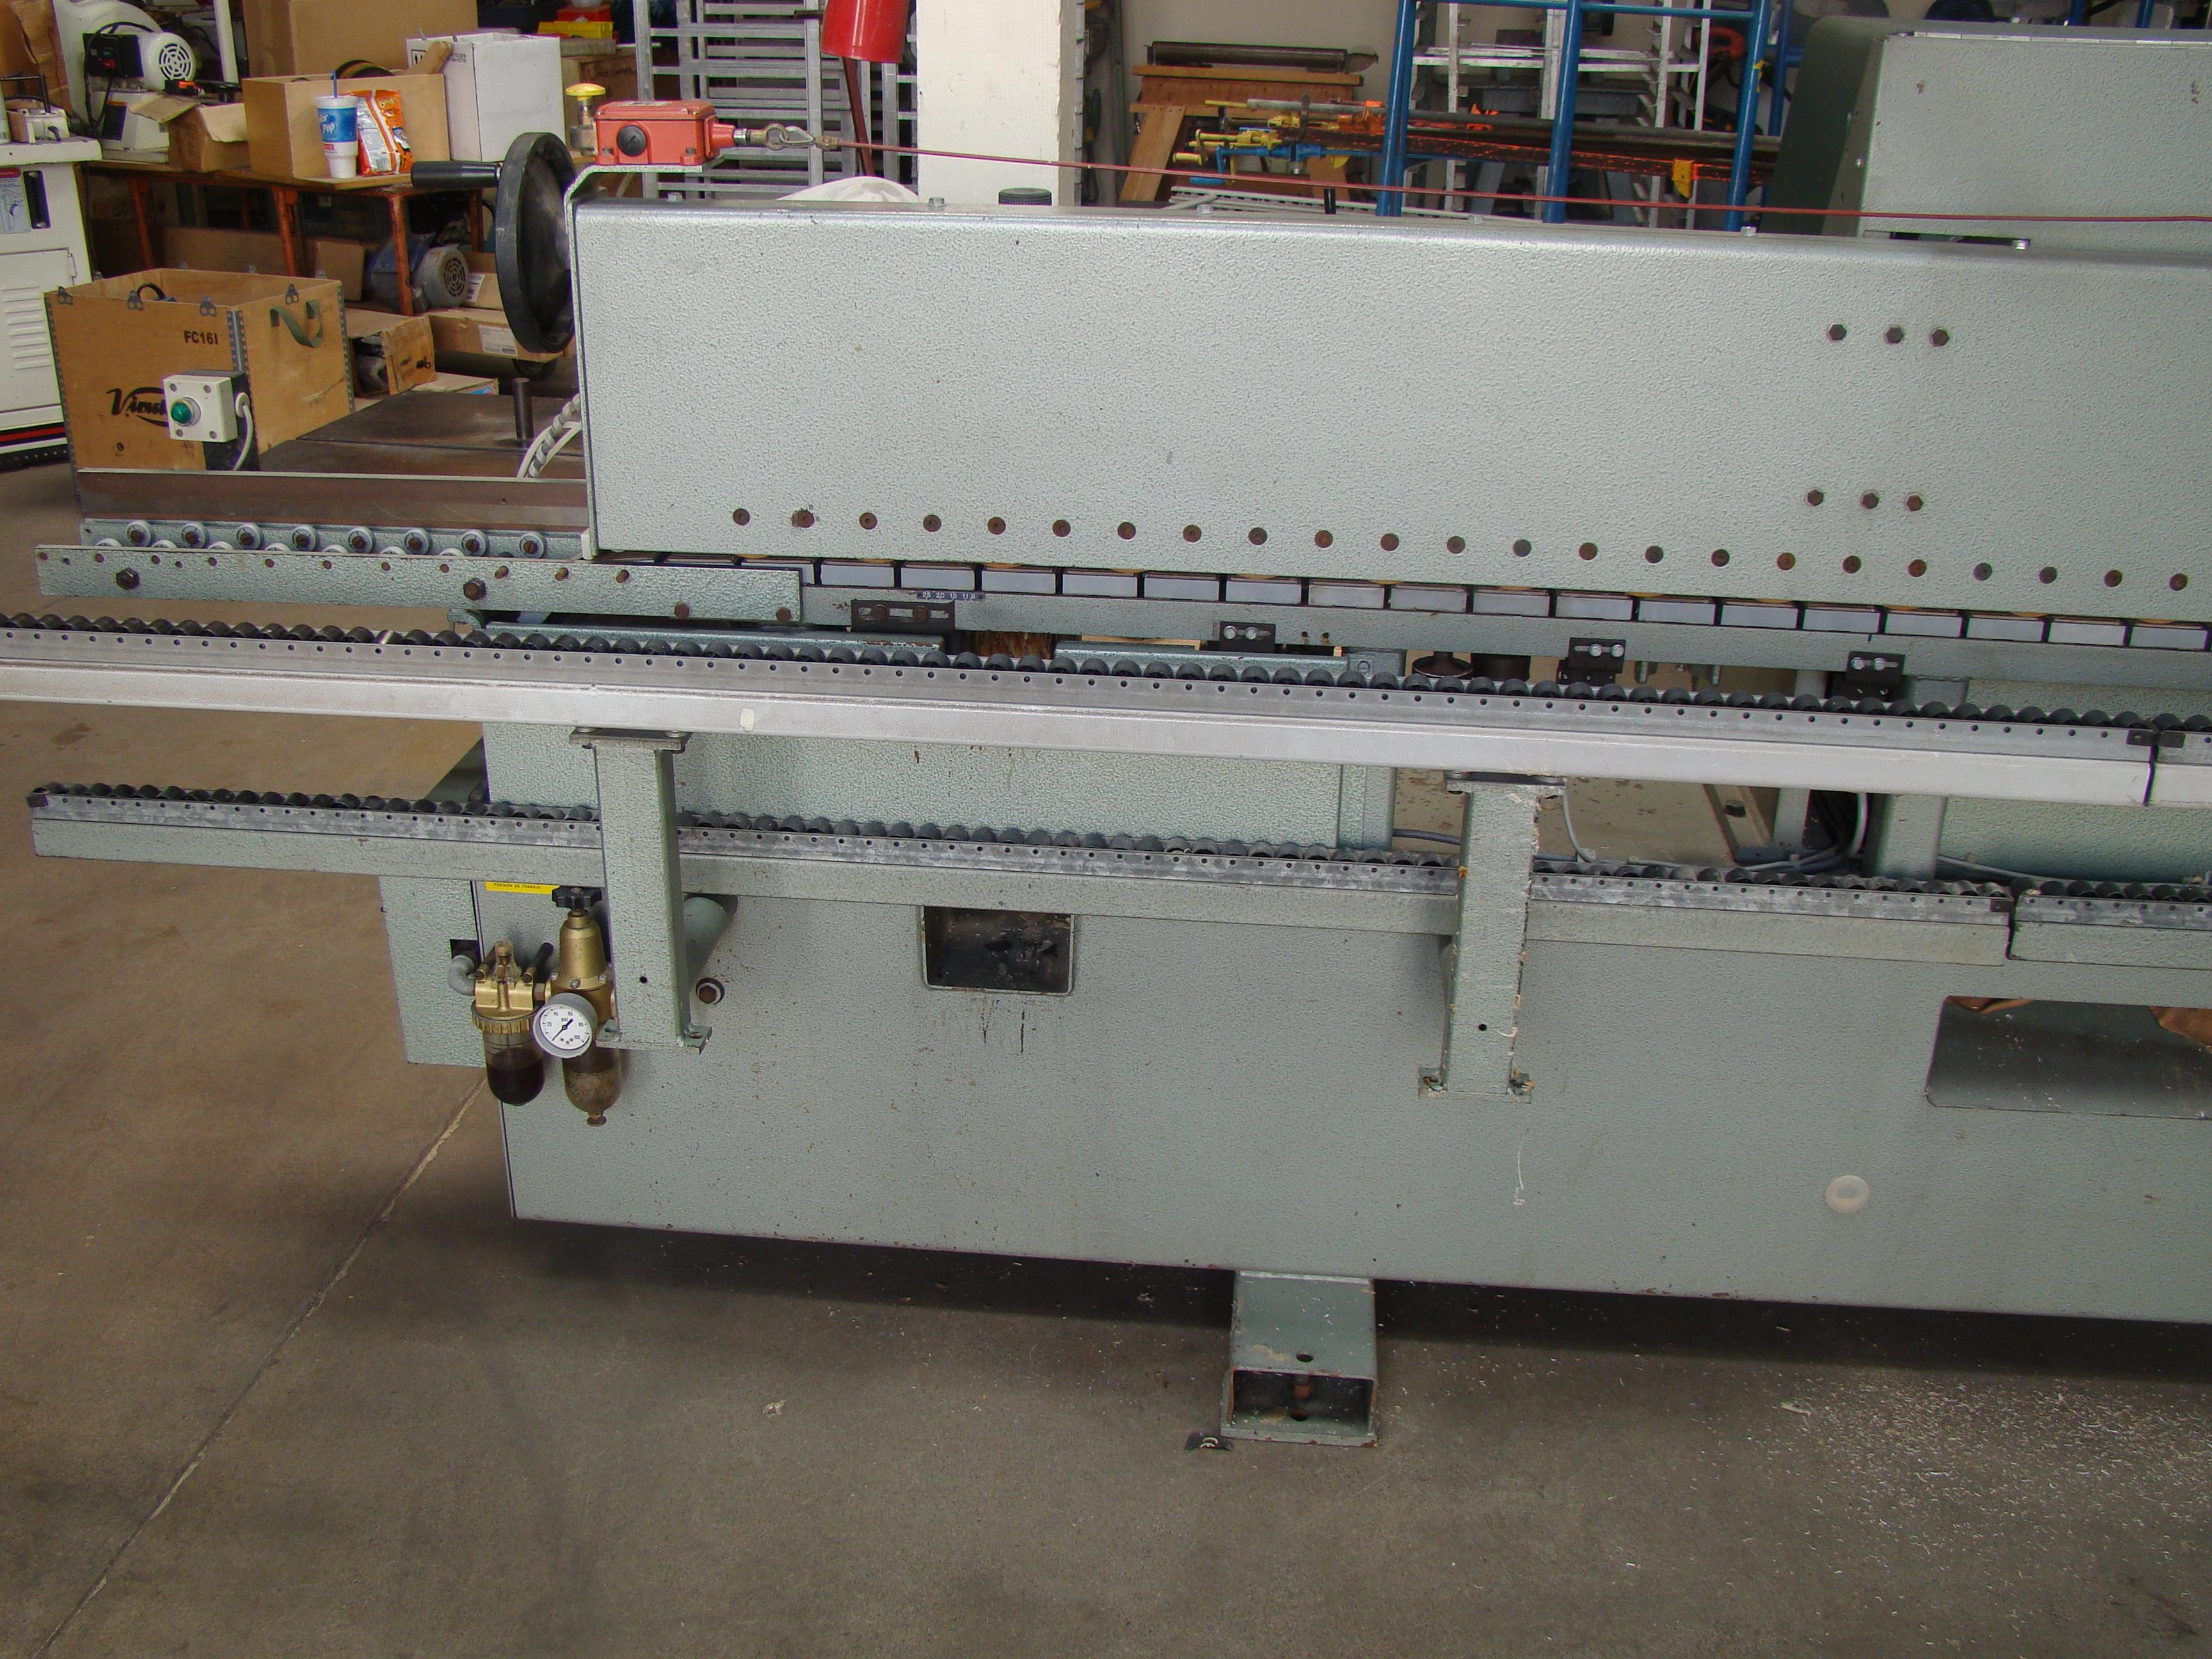 Holz-Her Edge Bander 1408 Pressure Roller, Uses GluJet, End trim stations, Flush/Bevel Scraper, - Image 10 of 10